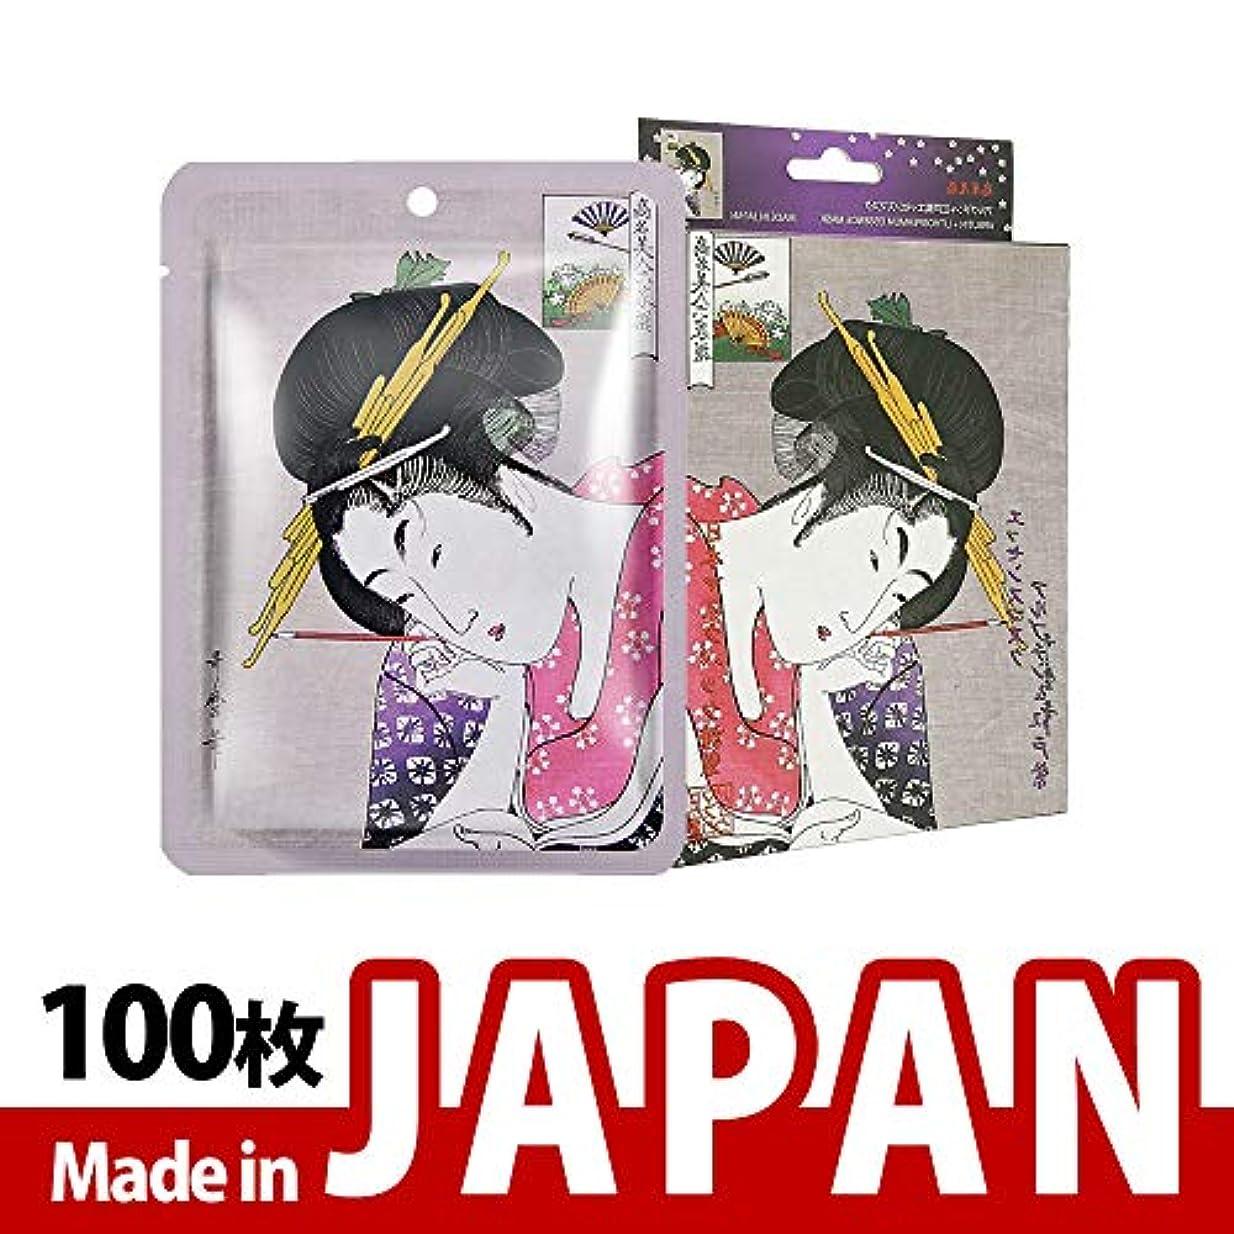 護衛組み合わせ流すMITOMO【JP002-A-0】日本製シートマスク/10枚入り/100枚/美容液/マスクパック/送料無料